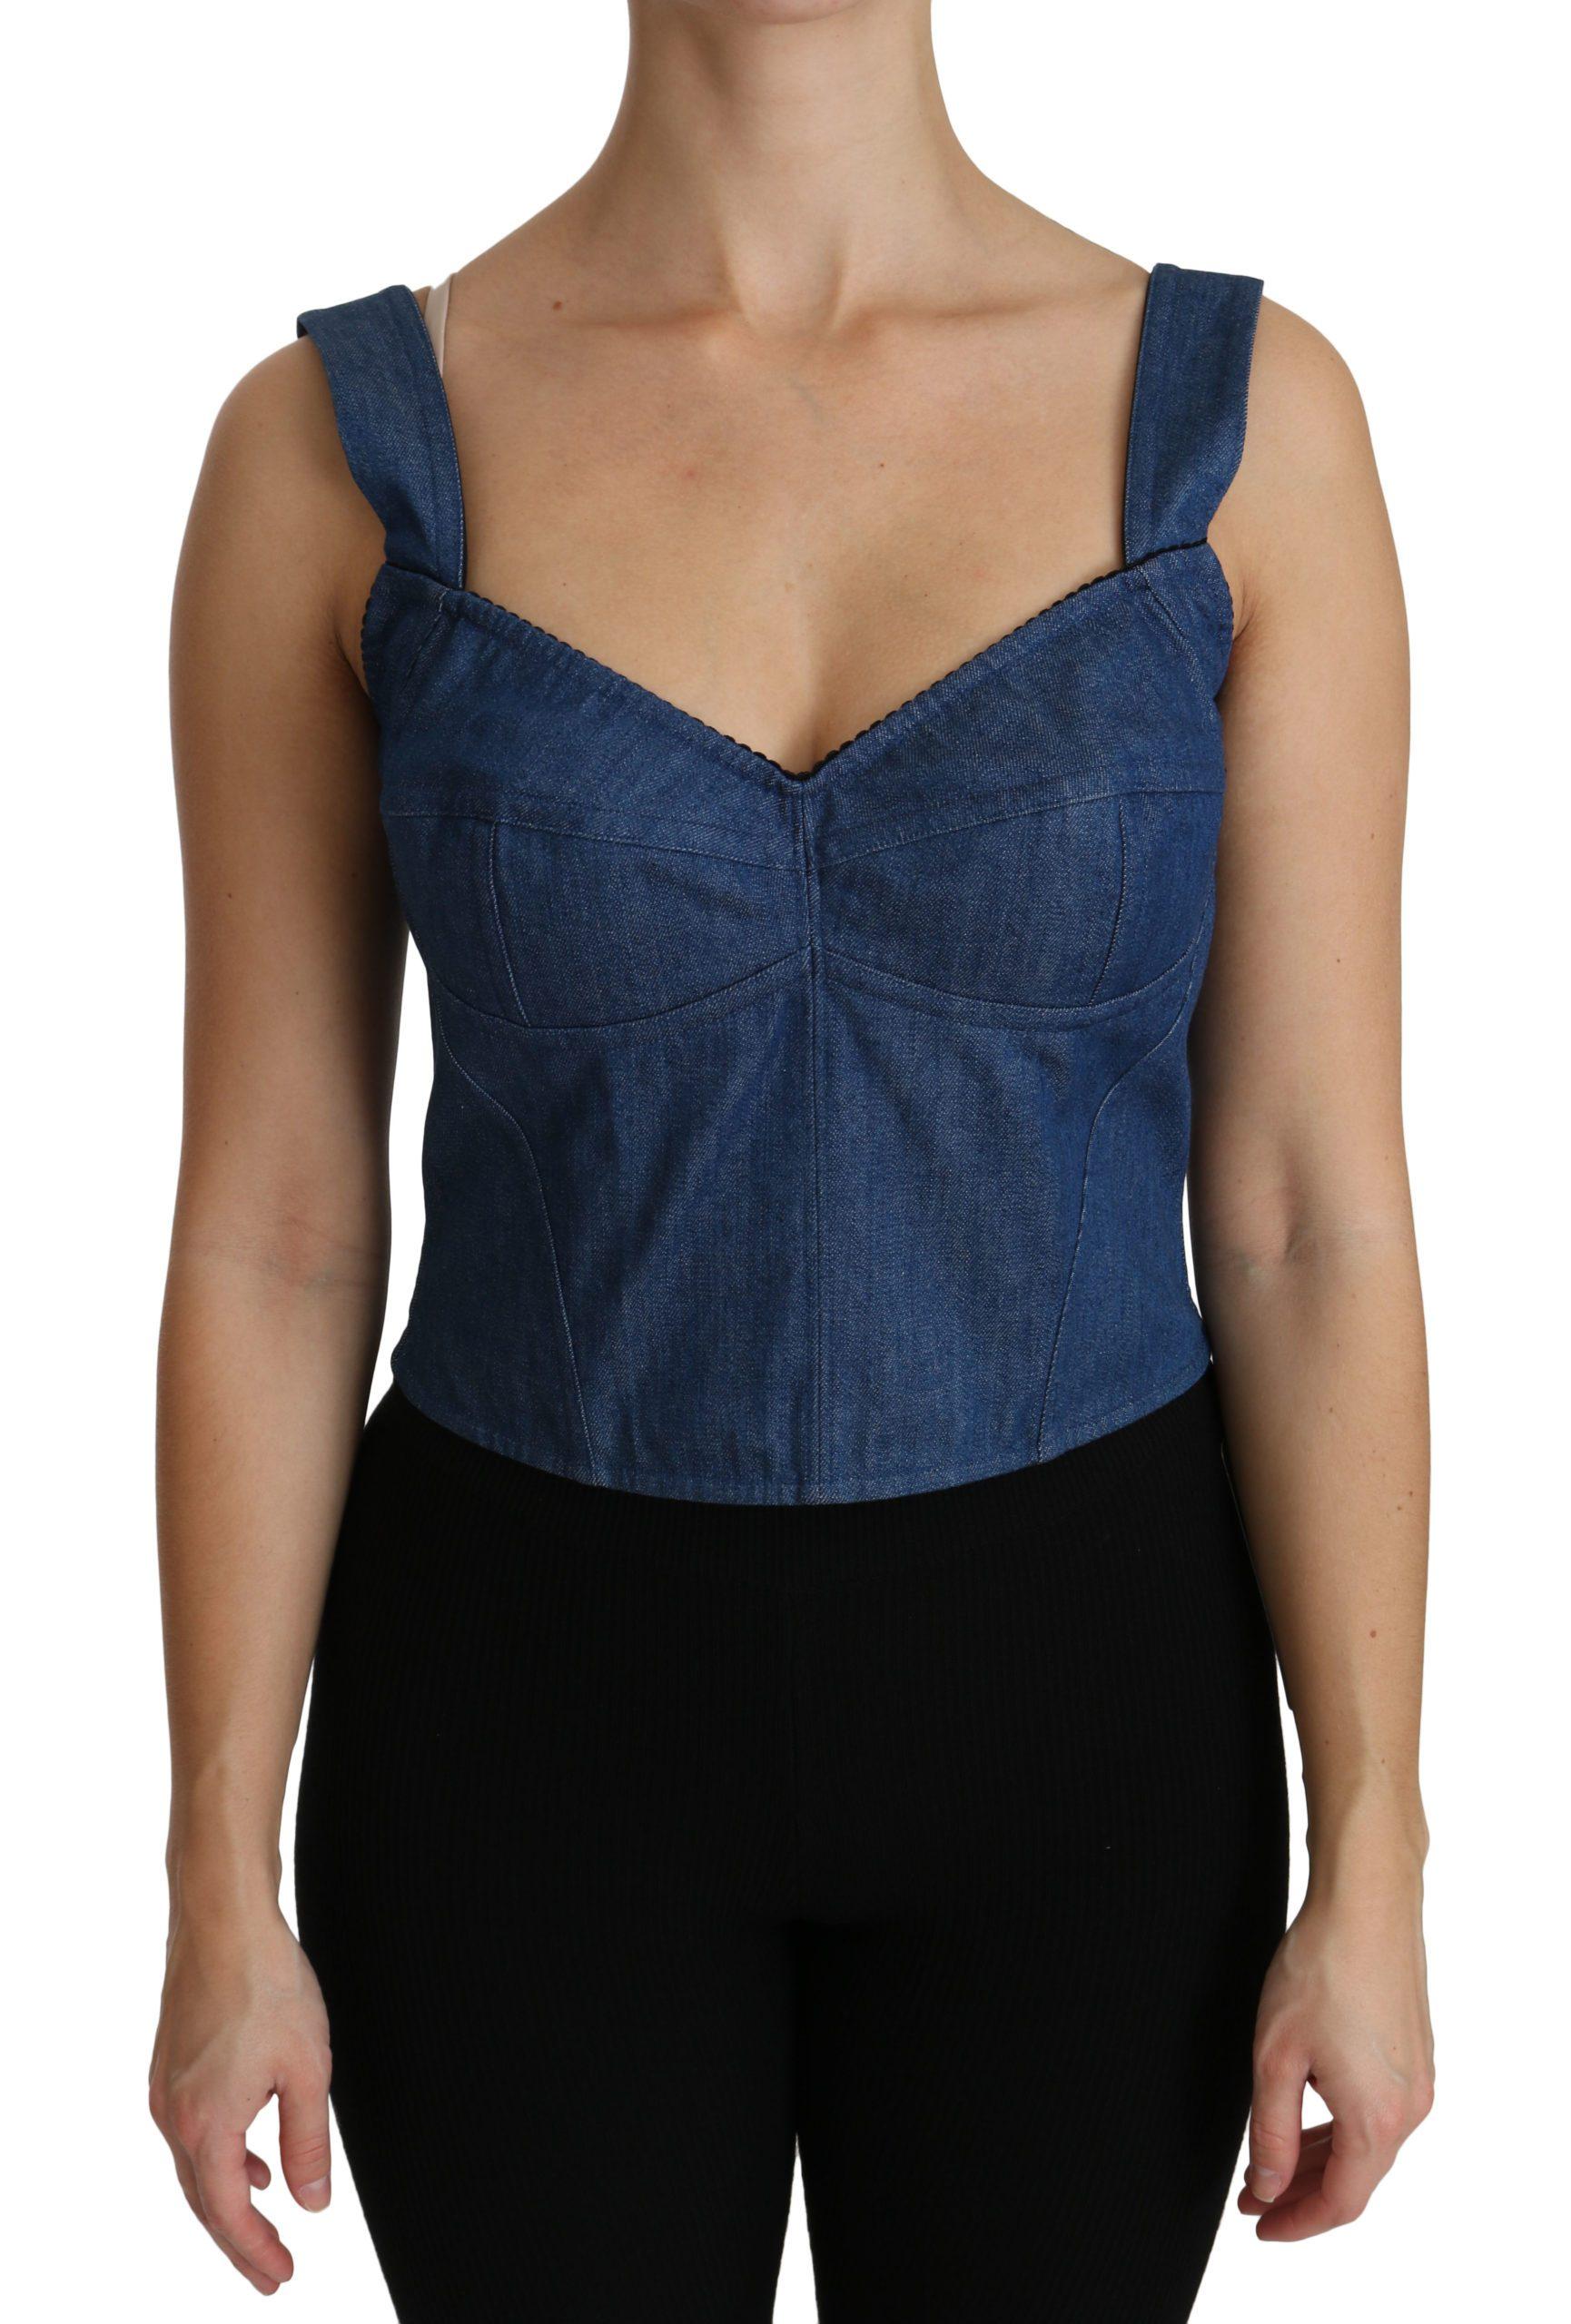 Dolce & Gabbana Women's Sleeveless Bustier Tops Blue TSH4309 - IT36 | XS